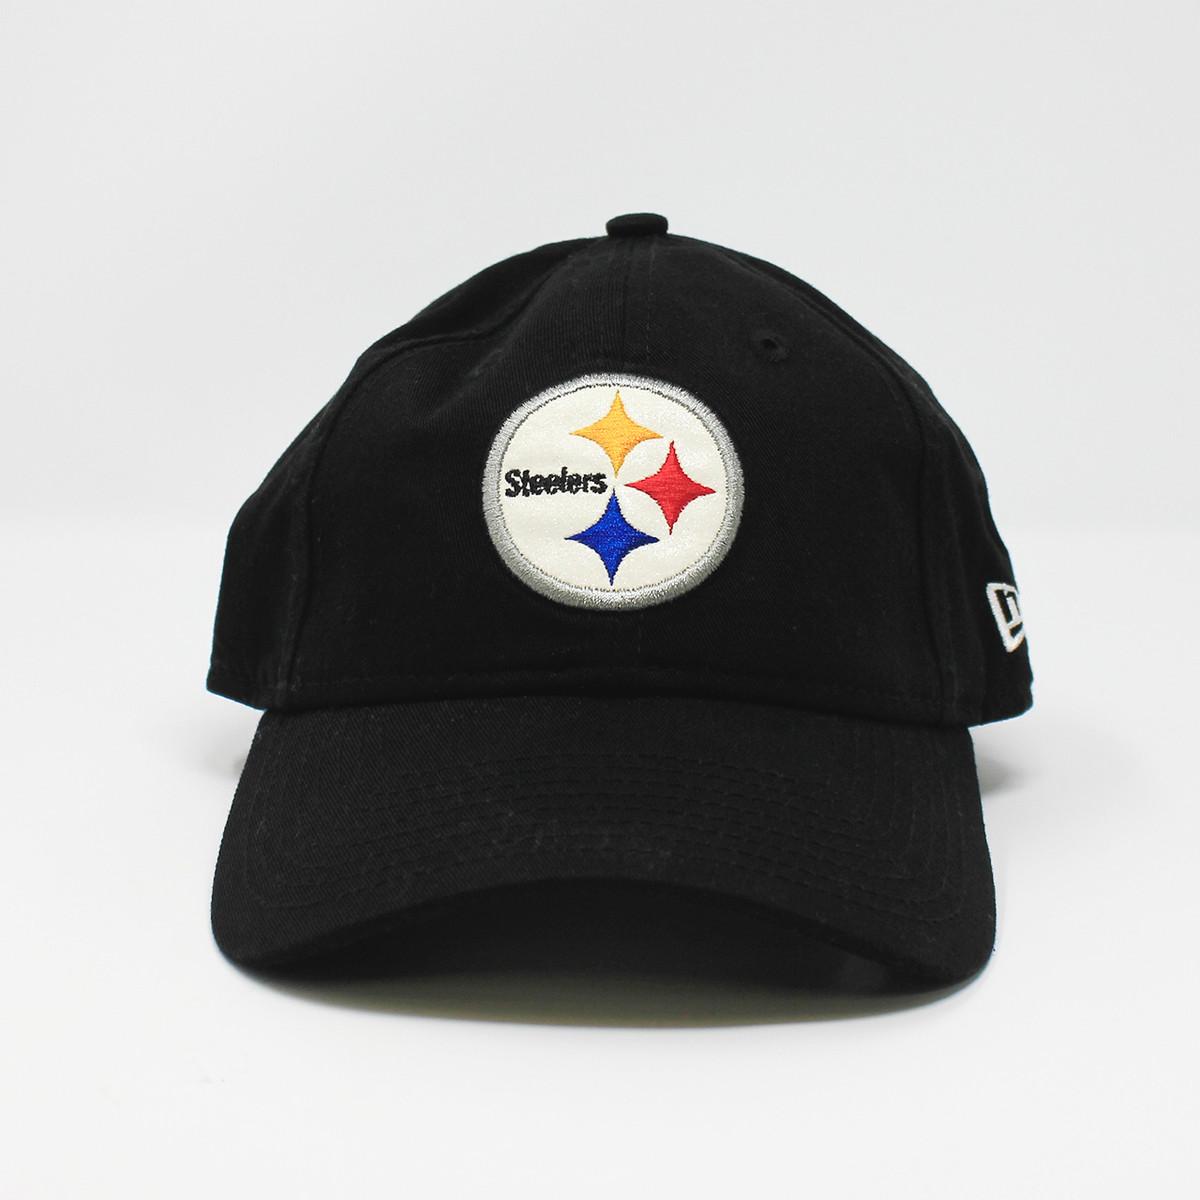 New Era Glisten Steelers Logo Cap